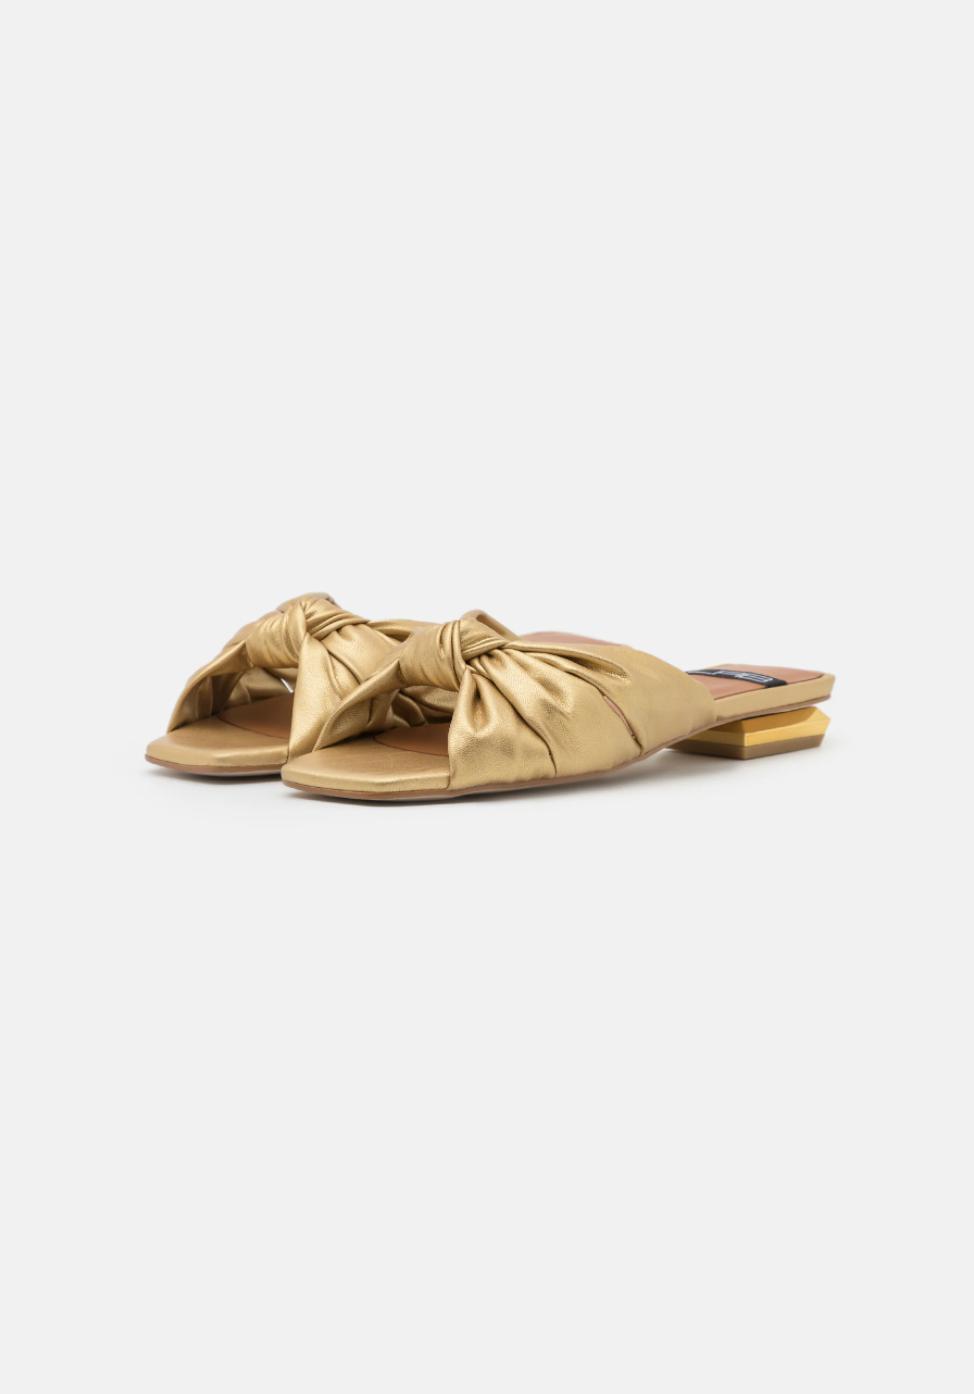 Sandalias doradas, de LAB